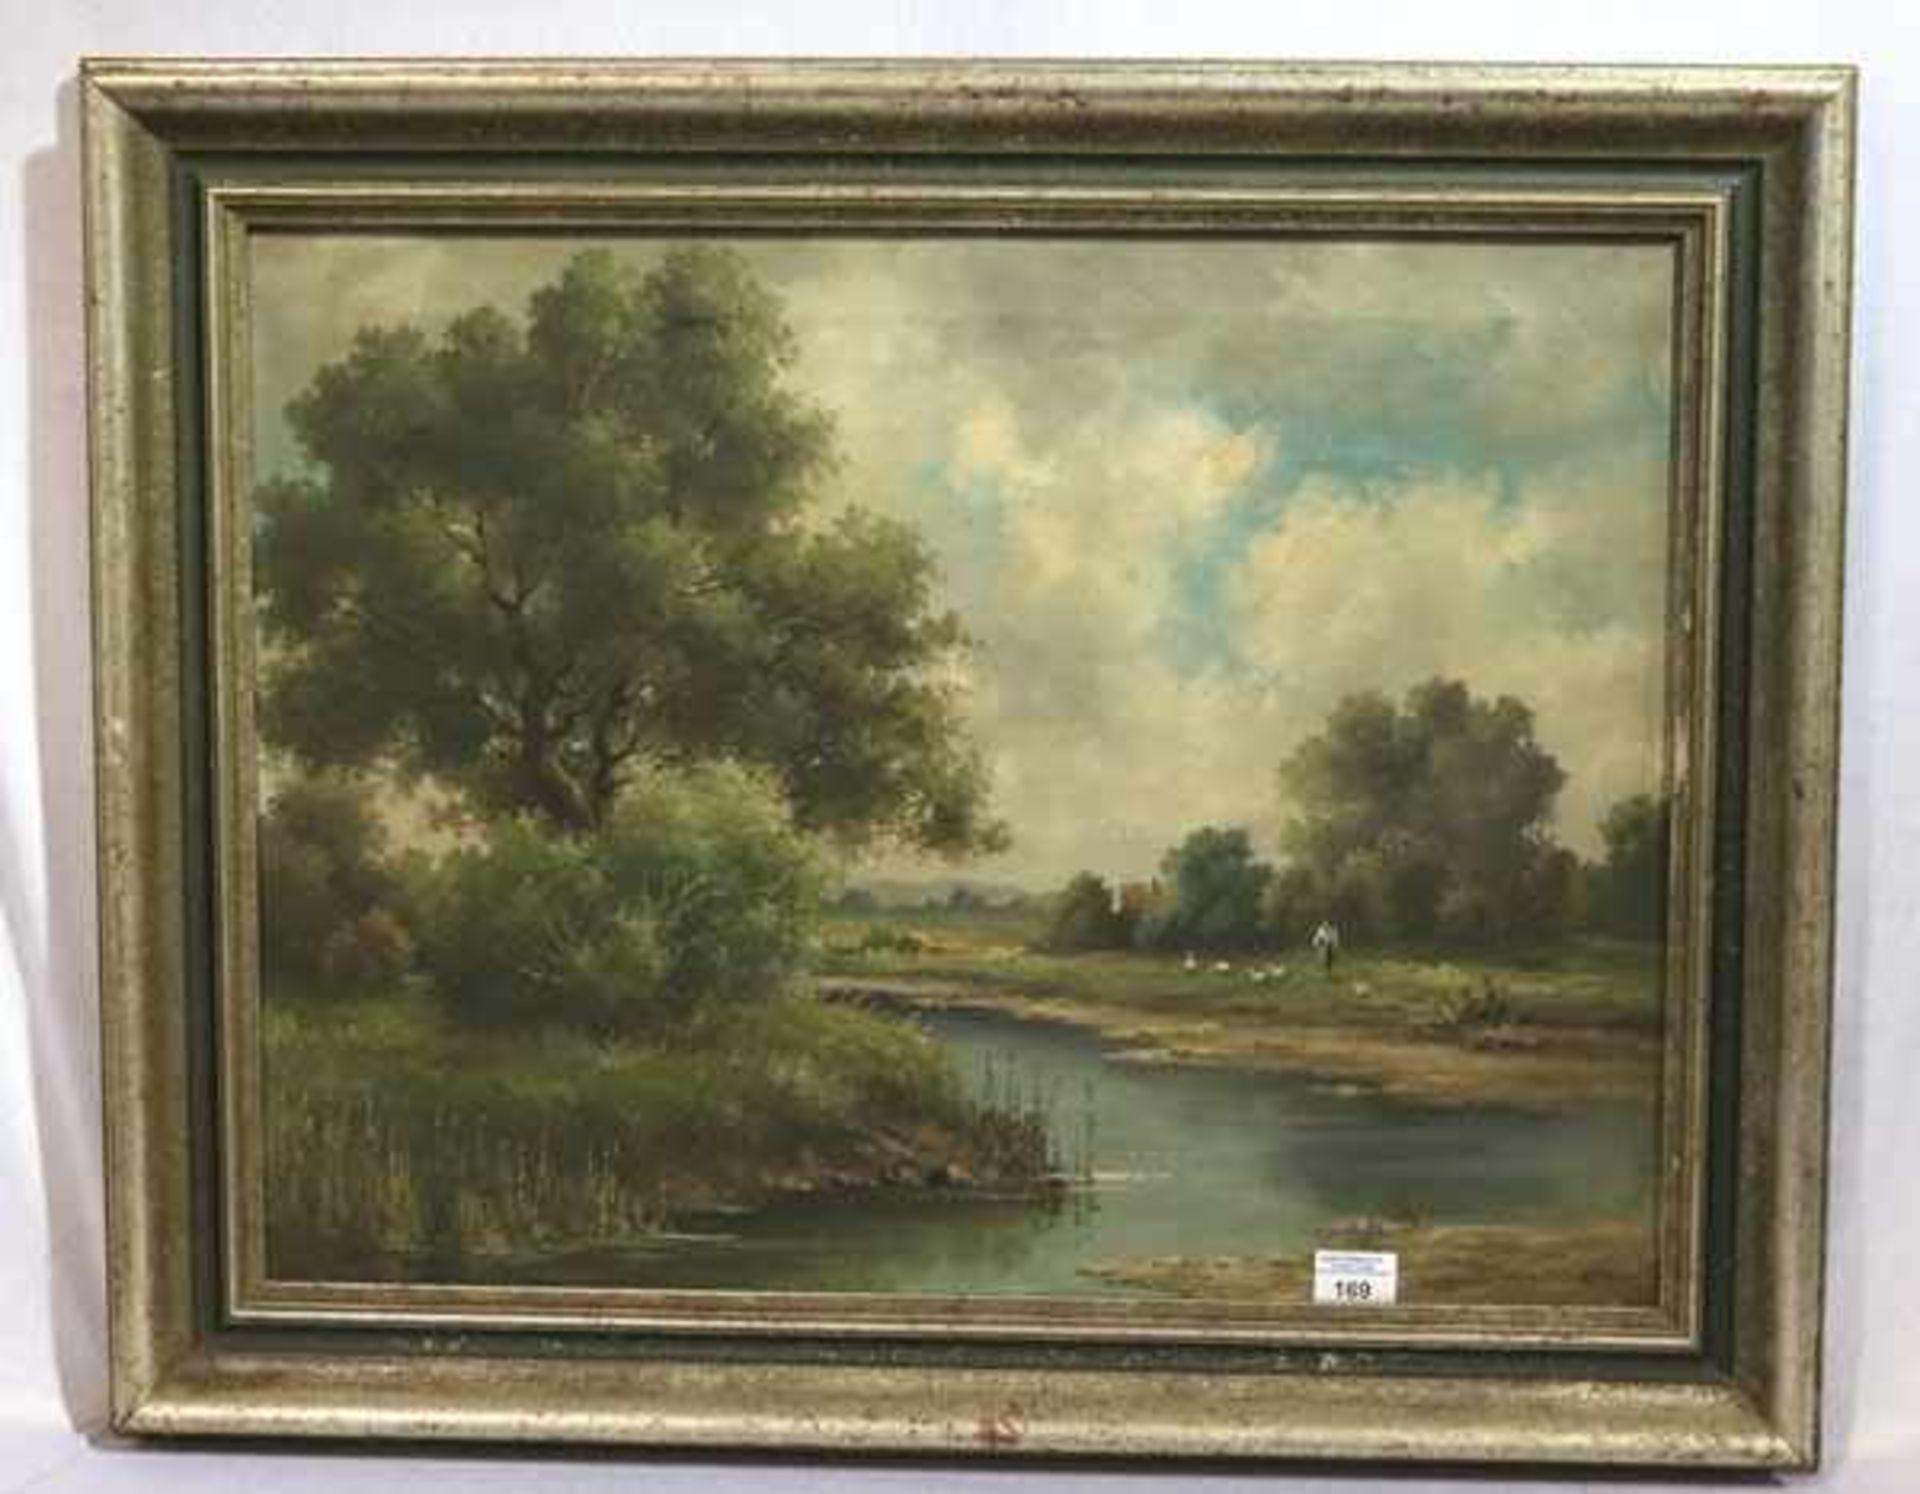 Los 169 - Gemälde ÖL/LW 'Landschafts-Szenerie mit Bachlauf', signiert Klem. Werner, München 1933, gerahmt,